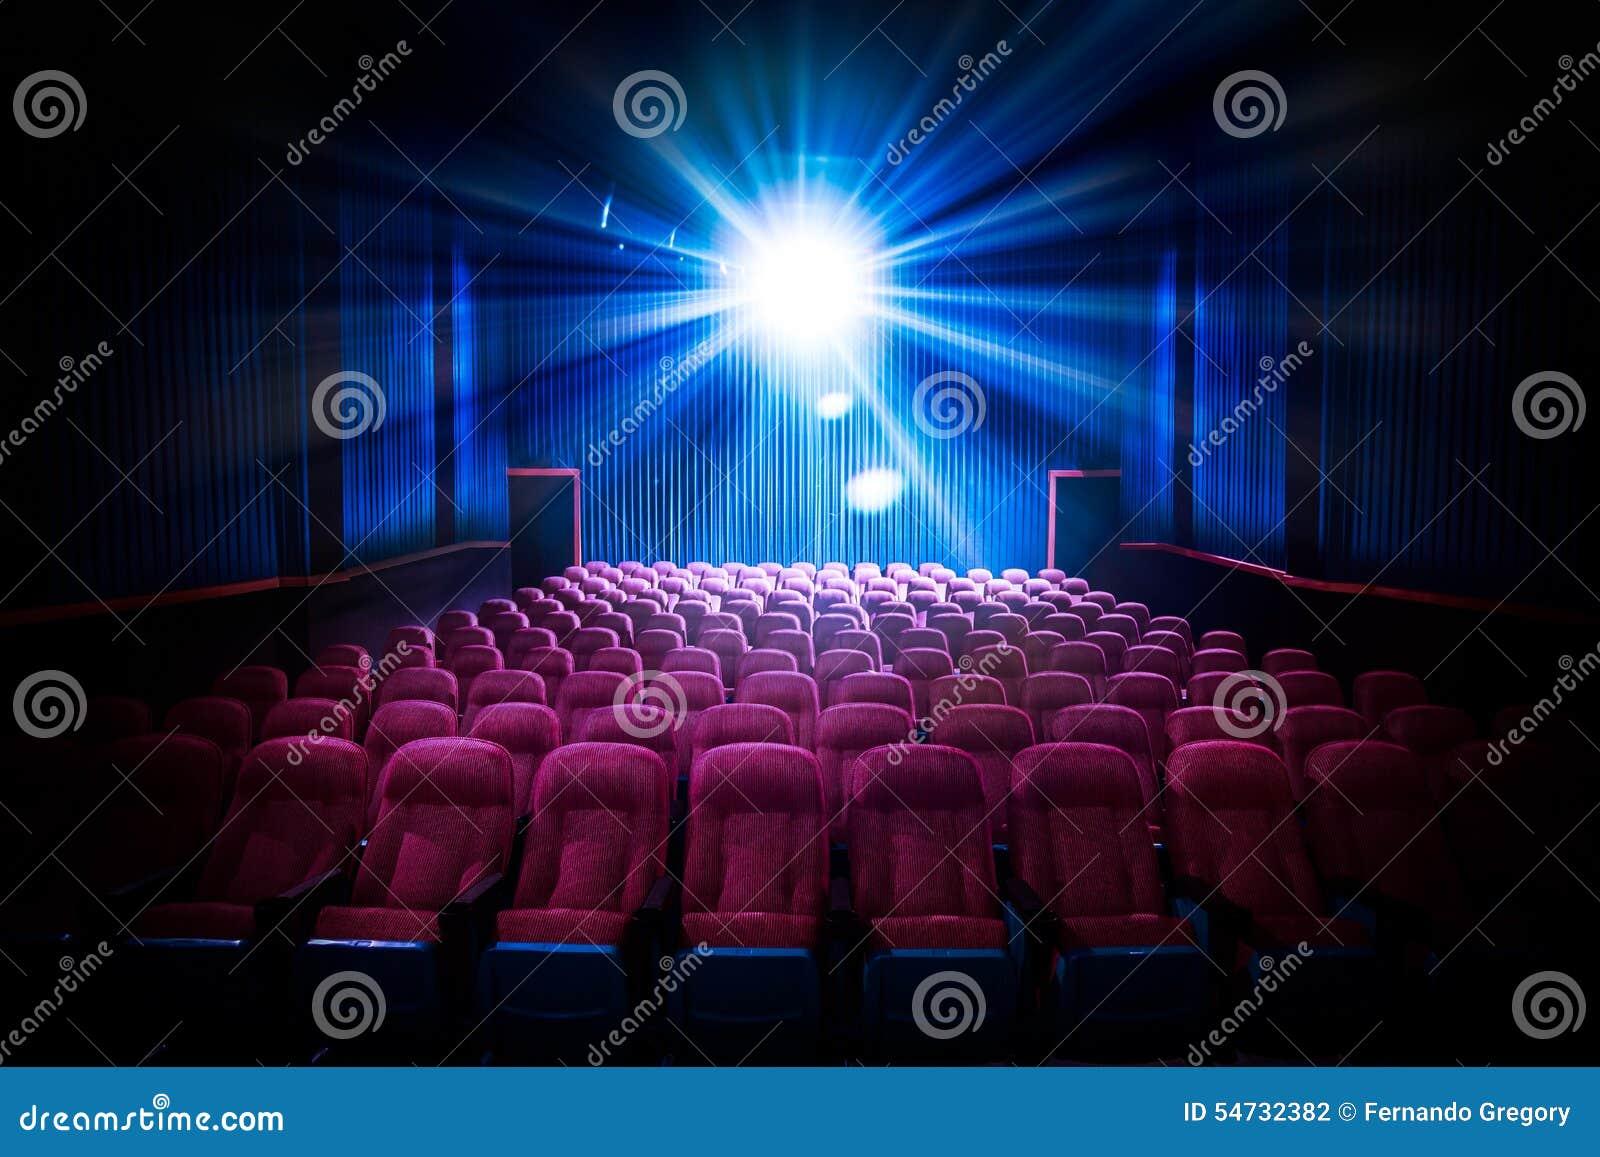 Сверхконтрастное изображение пустых мест кинотеатра